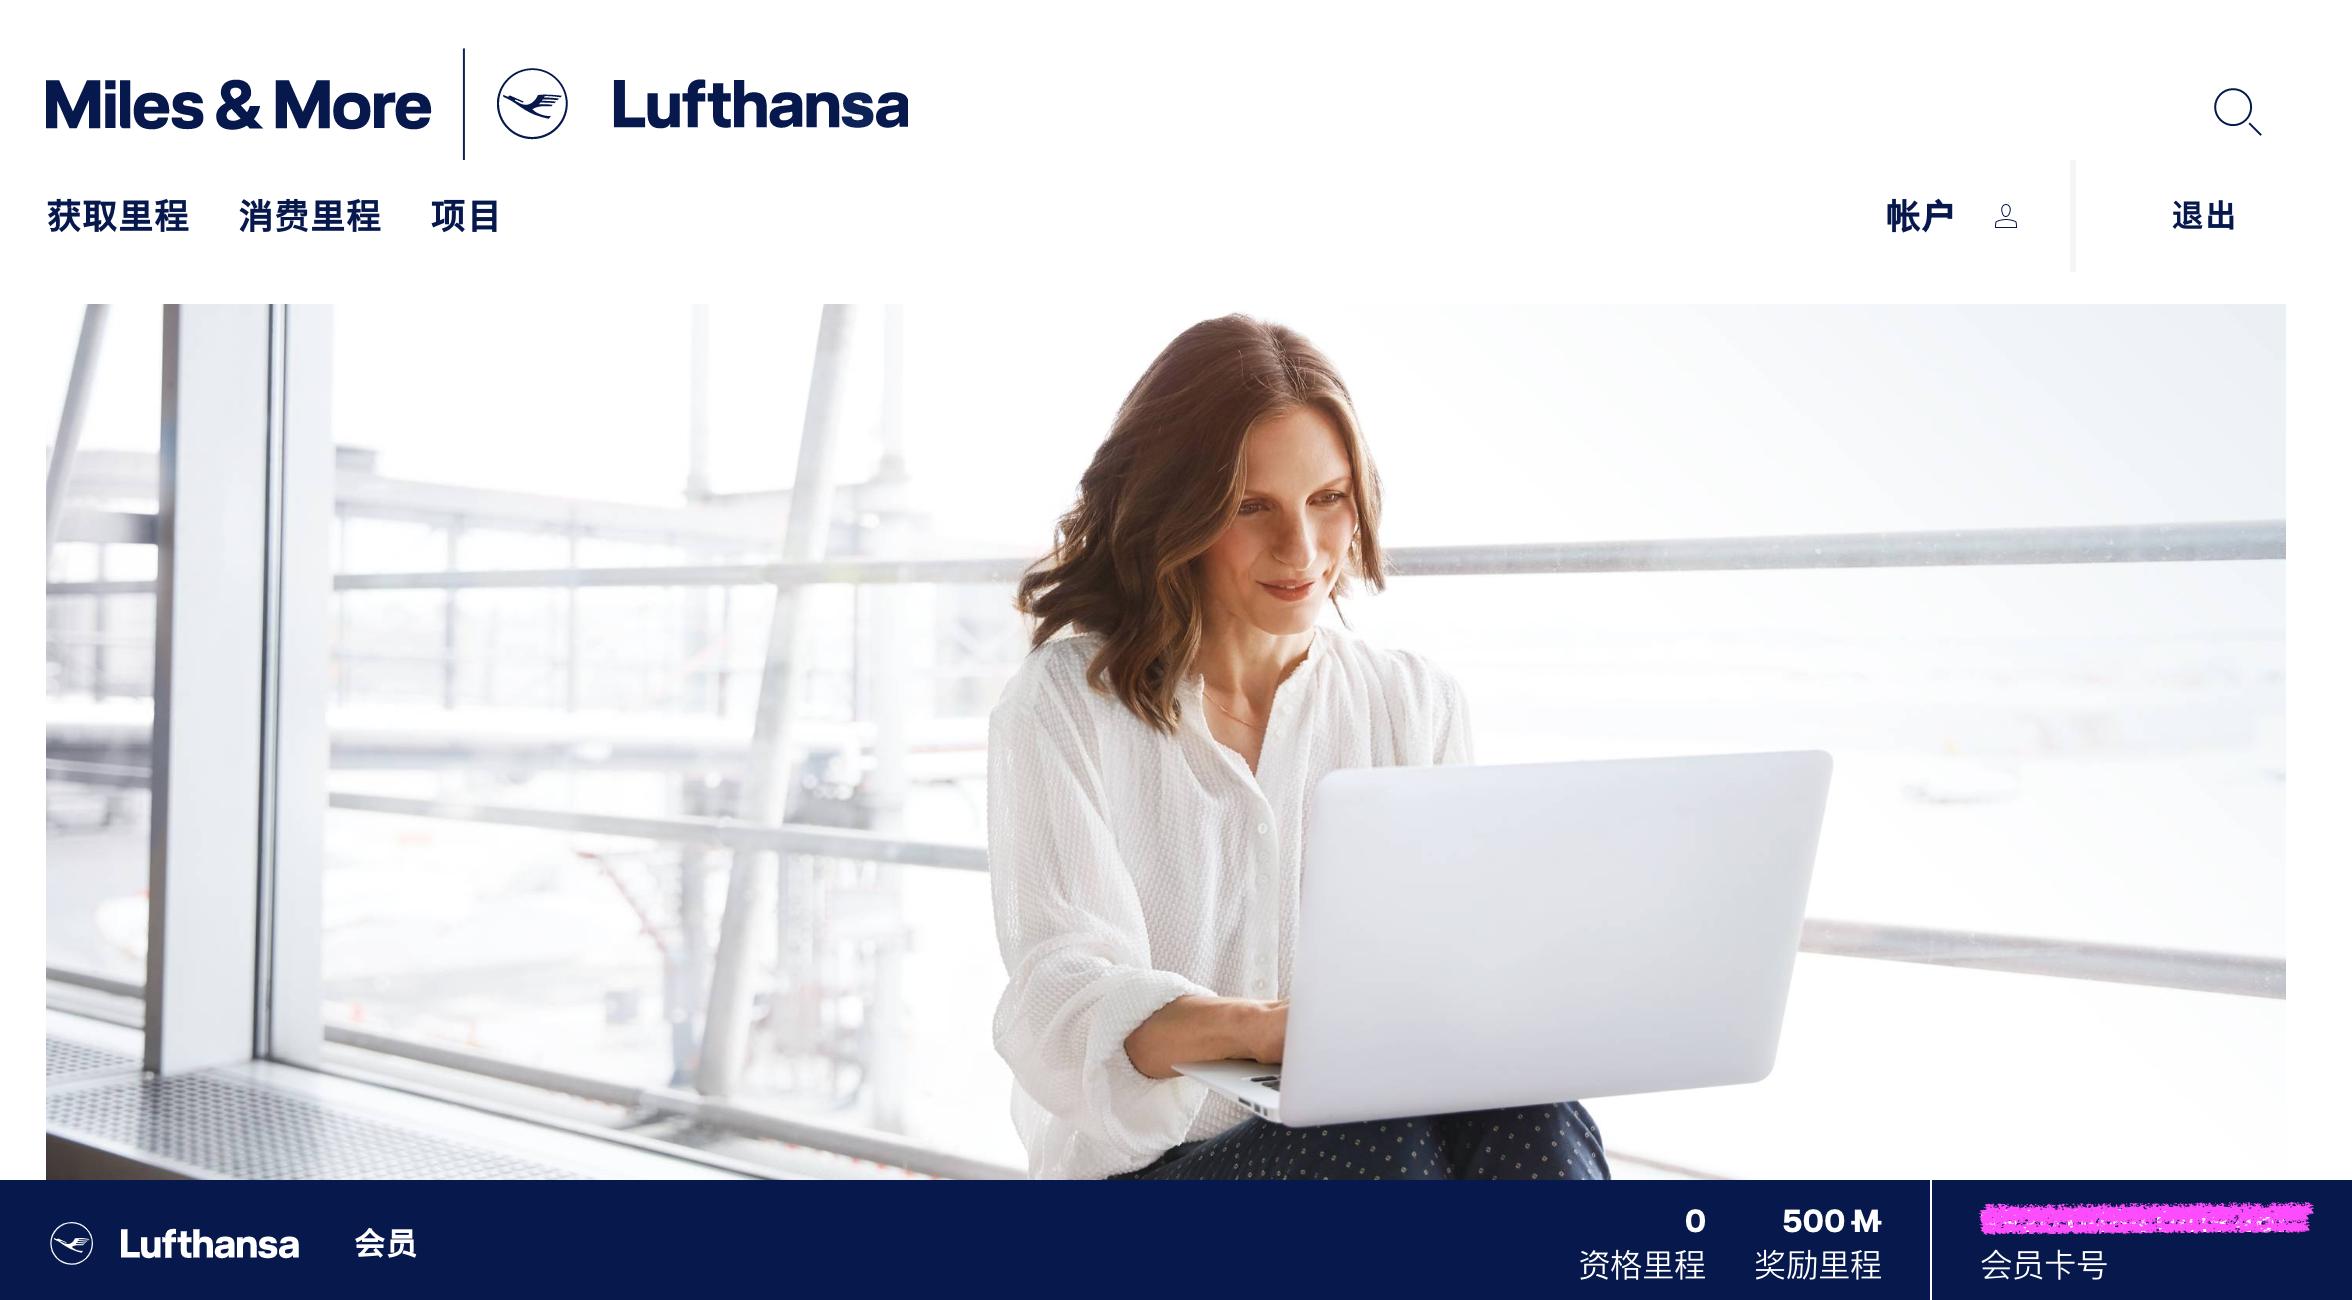 漢莎航空評價、行李重量、申辦會員第一次就上手!搭A380法蘭克福轉飛葡萄牙行前準備 @右上的世界食旅